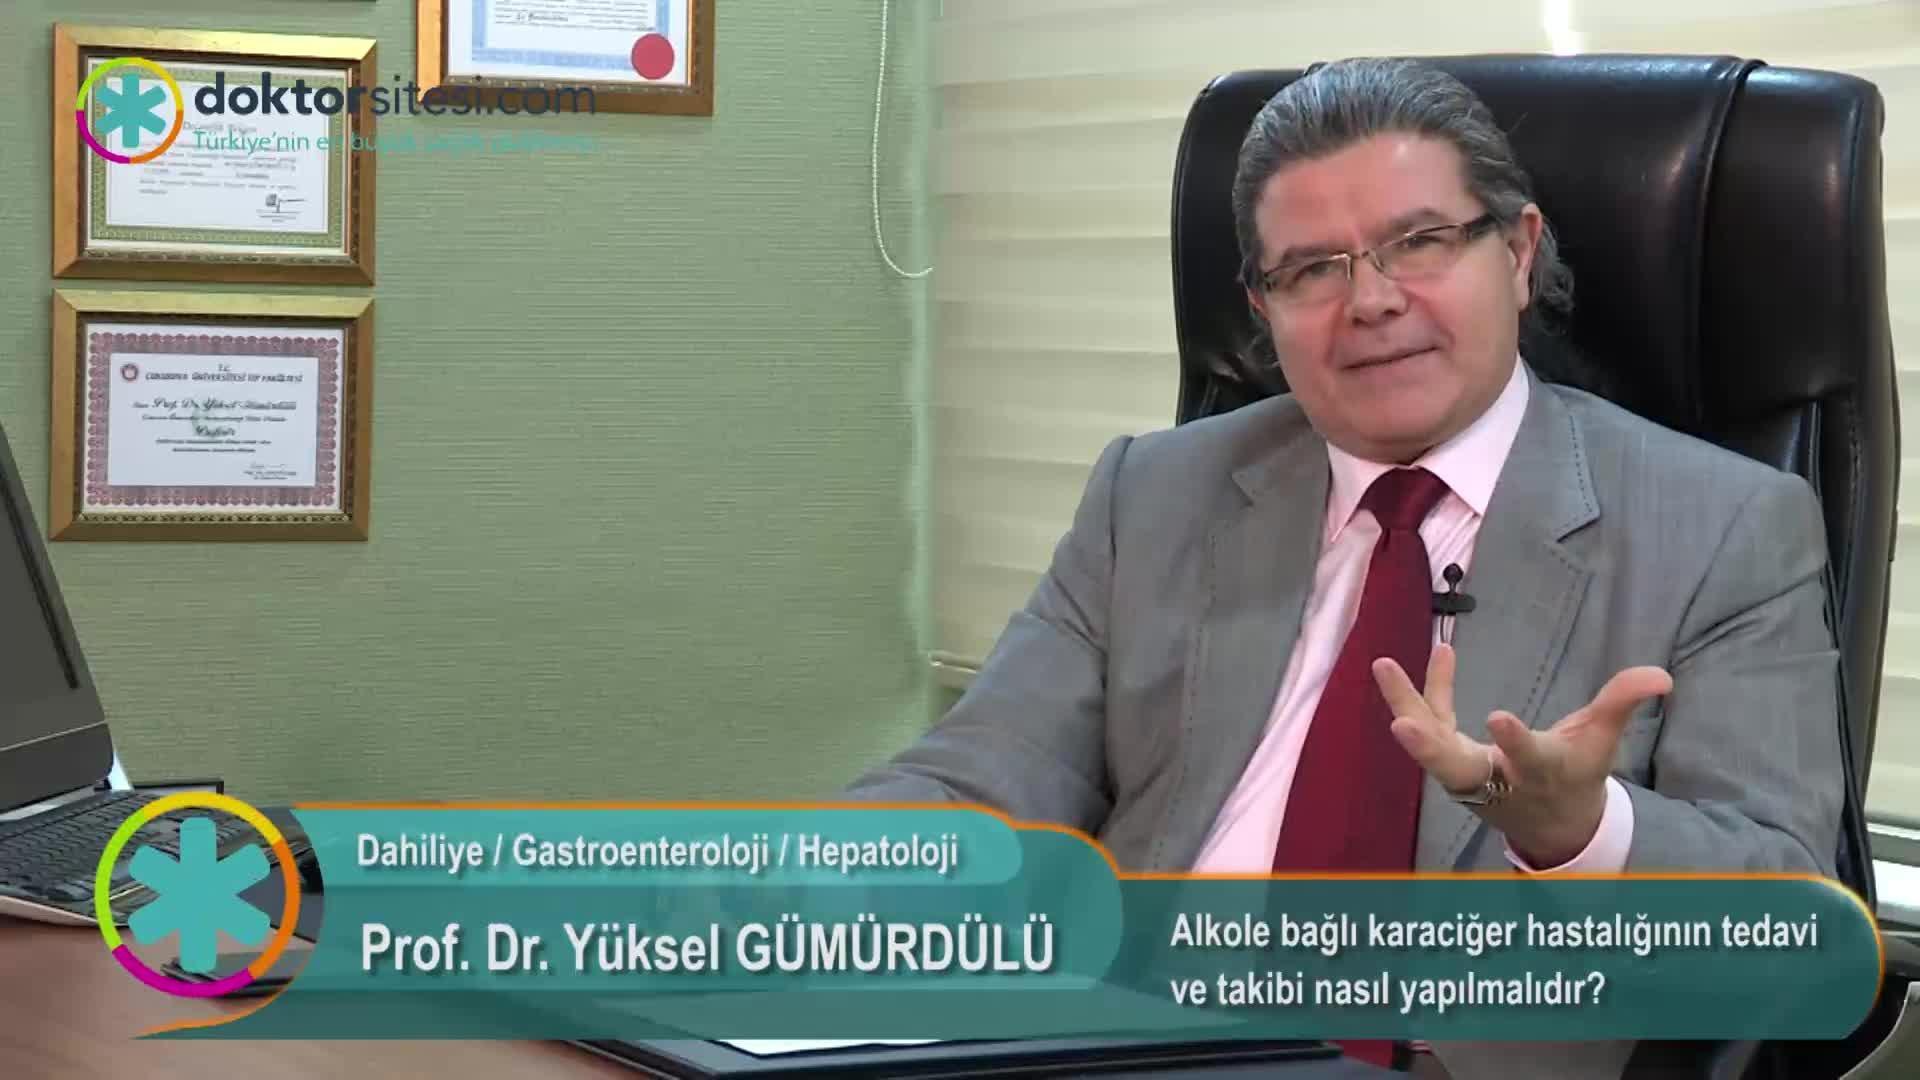 """Alkole bağlı karaciğer hastalığının tedavi ve takibi nasıl yapılmalıdır? """"Prof. Dr. Yüksel  GÜMÜRDÜLÜ"""""""